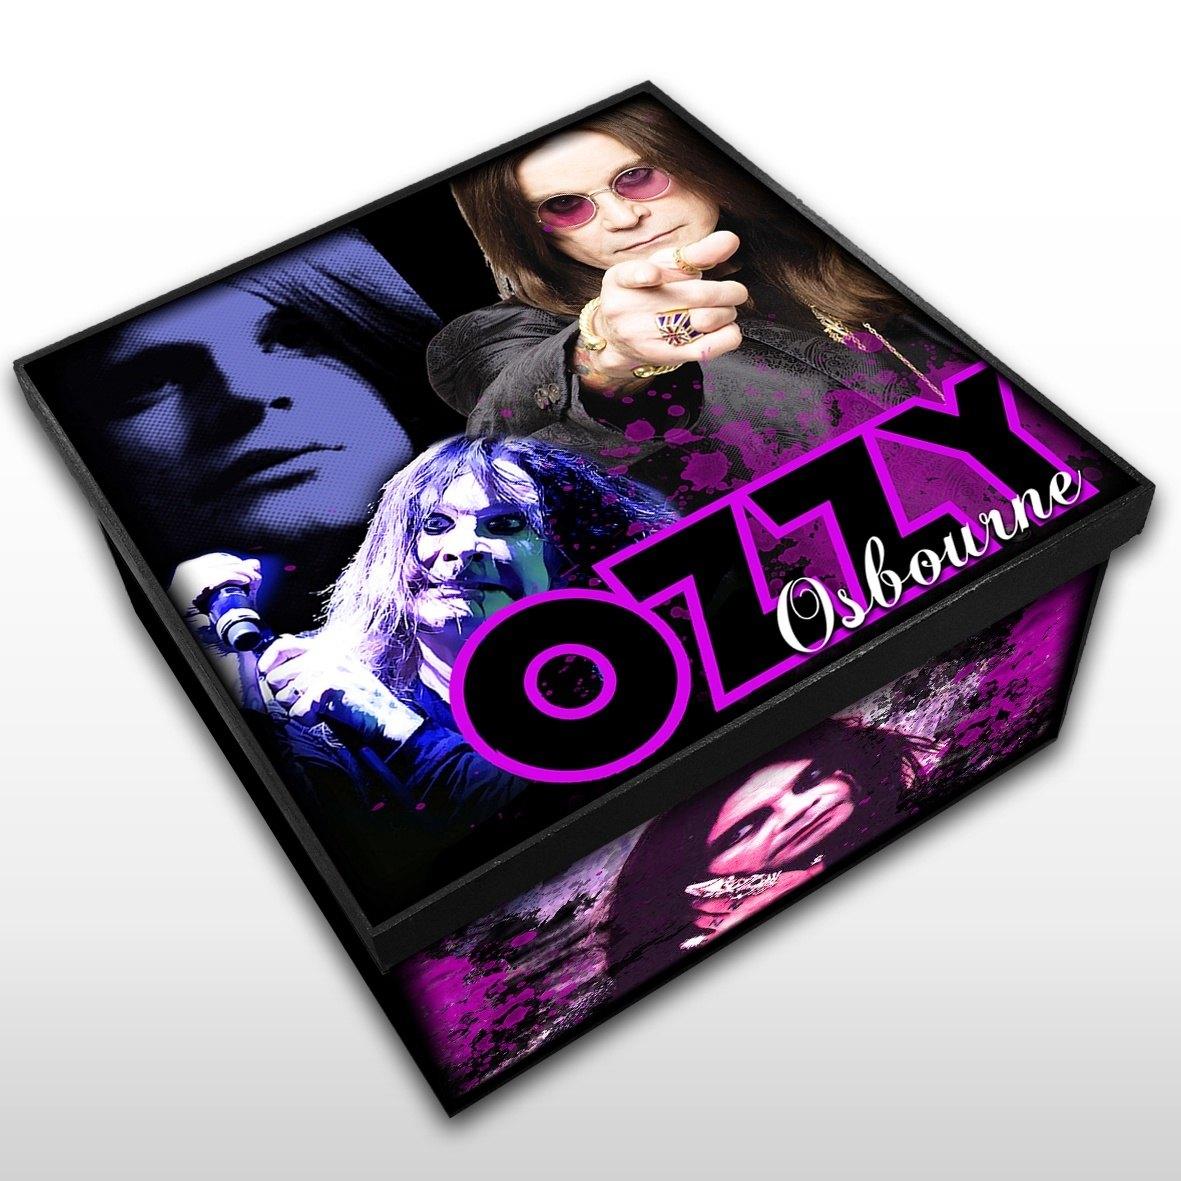 Ozzy Osbourne - Caixa em Madeira MDF - Tamanho Médio - Mr. Rock